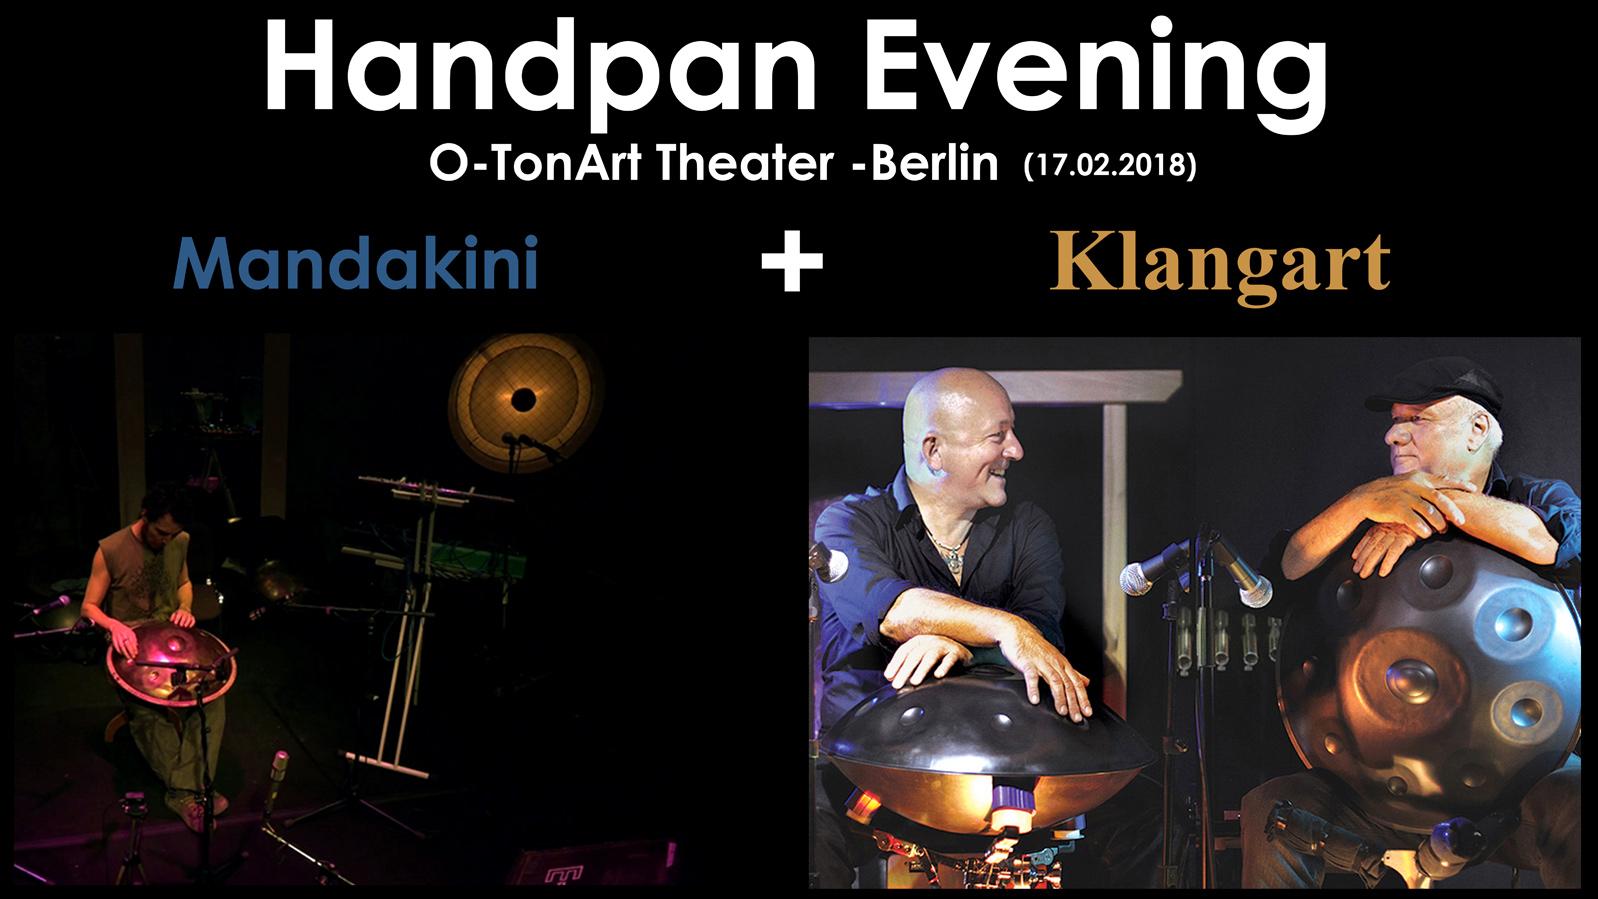 Klangart + Mandakini (Berlin)